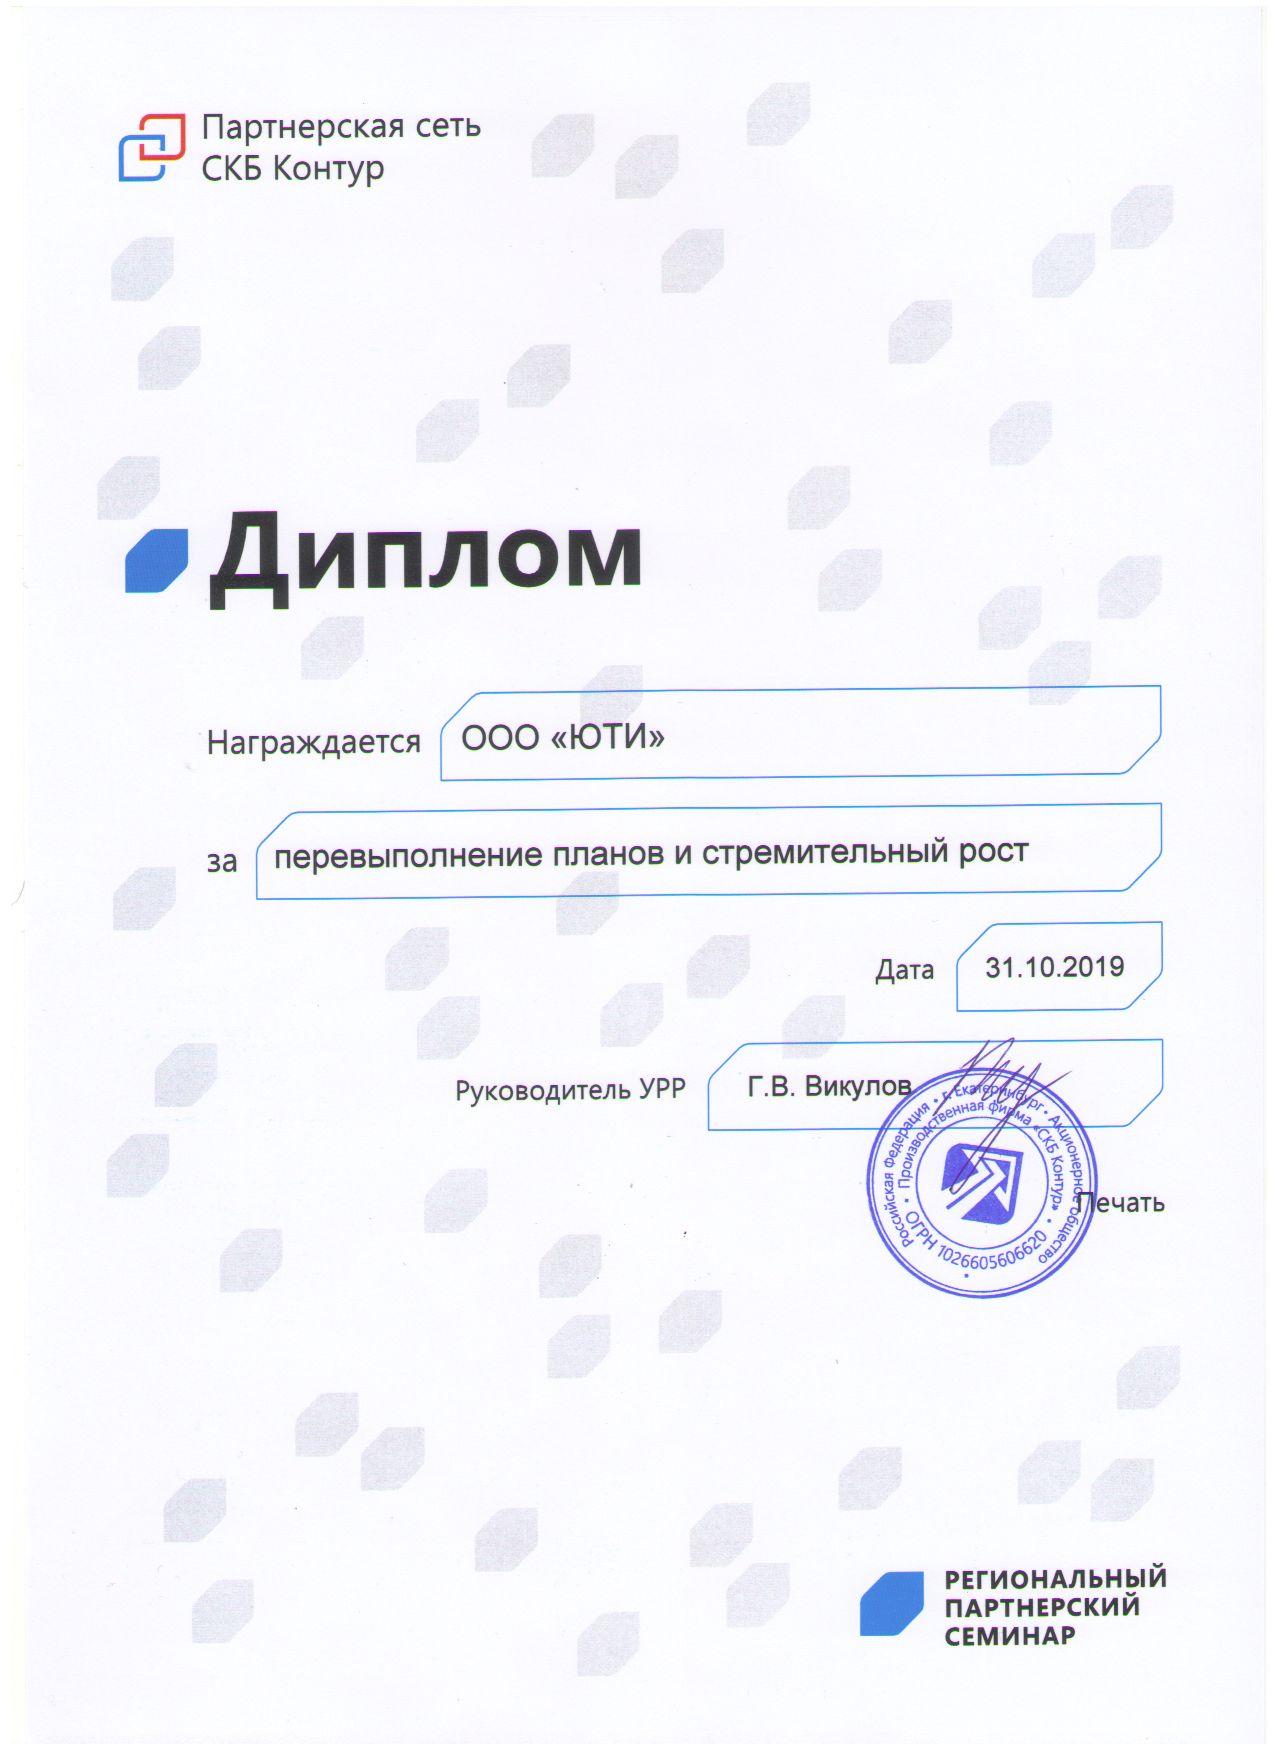 Диплом СКБ Контур